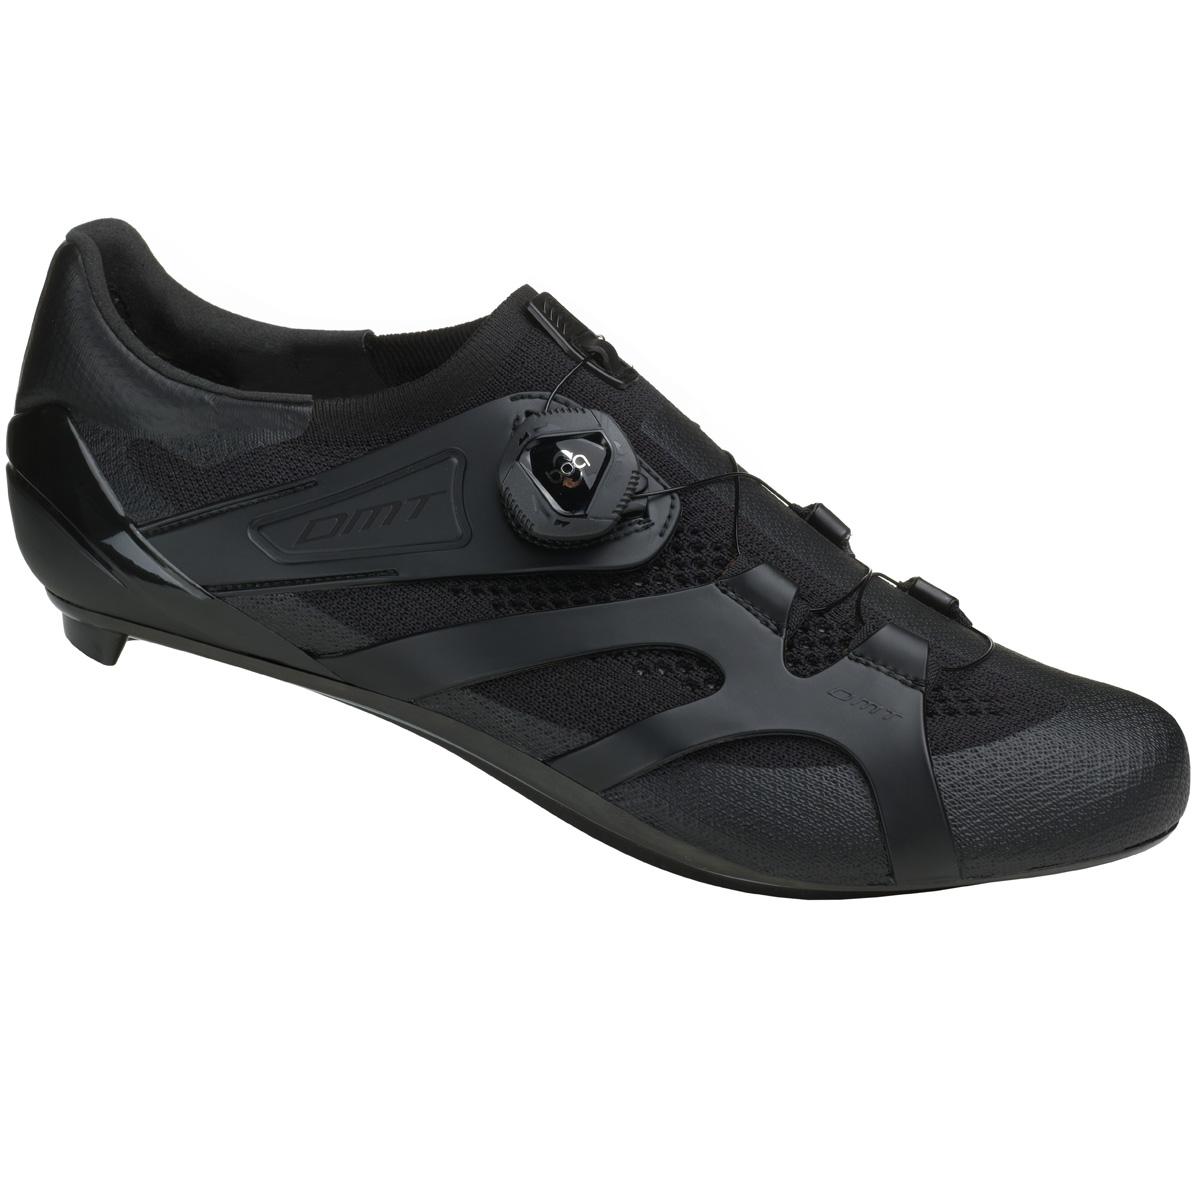 DMT KR2 Road Shoe - black